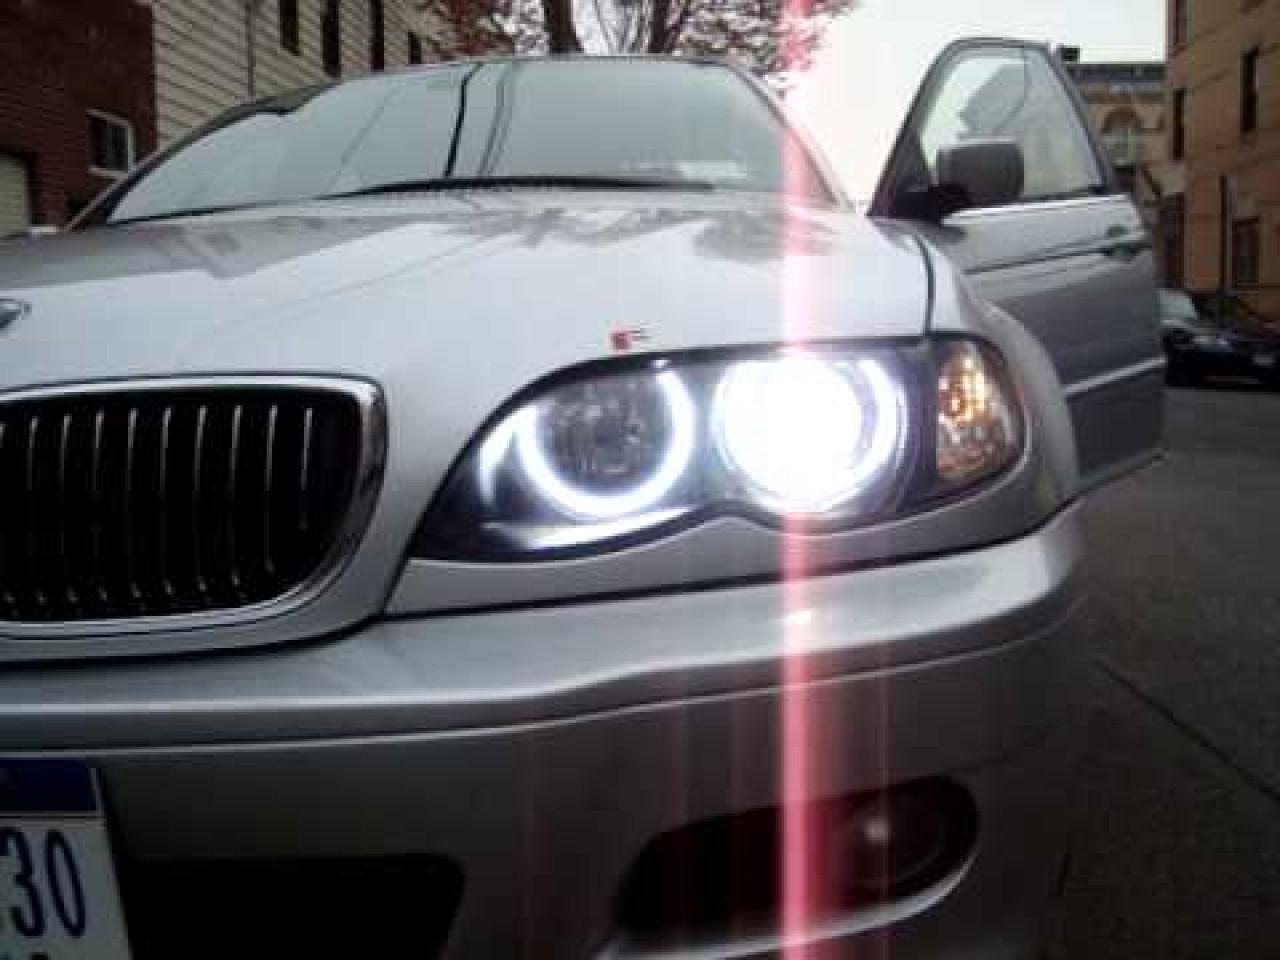 Kit Far BMW E46 Lupe Bixenon+Xenon Canbus+Inele Angel Eyes